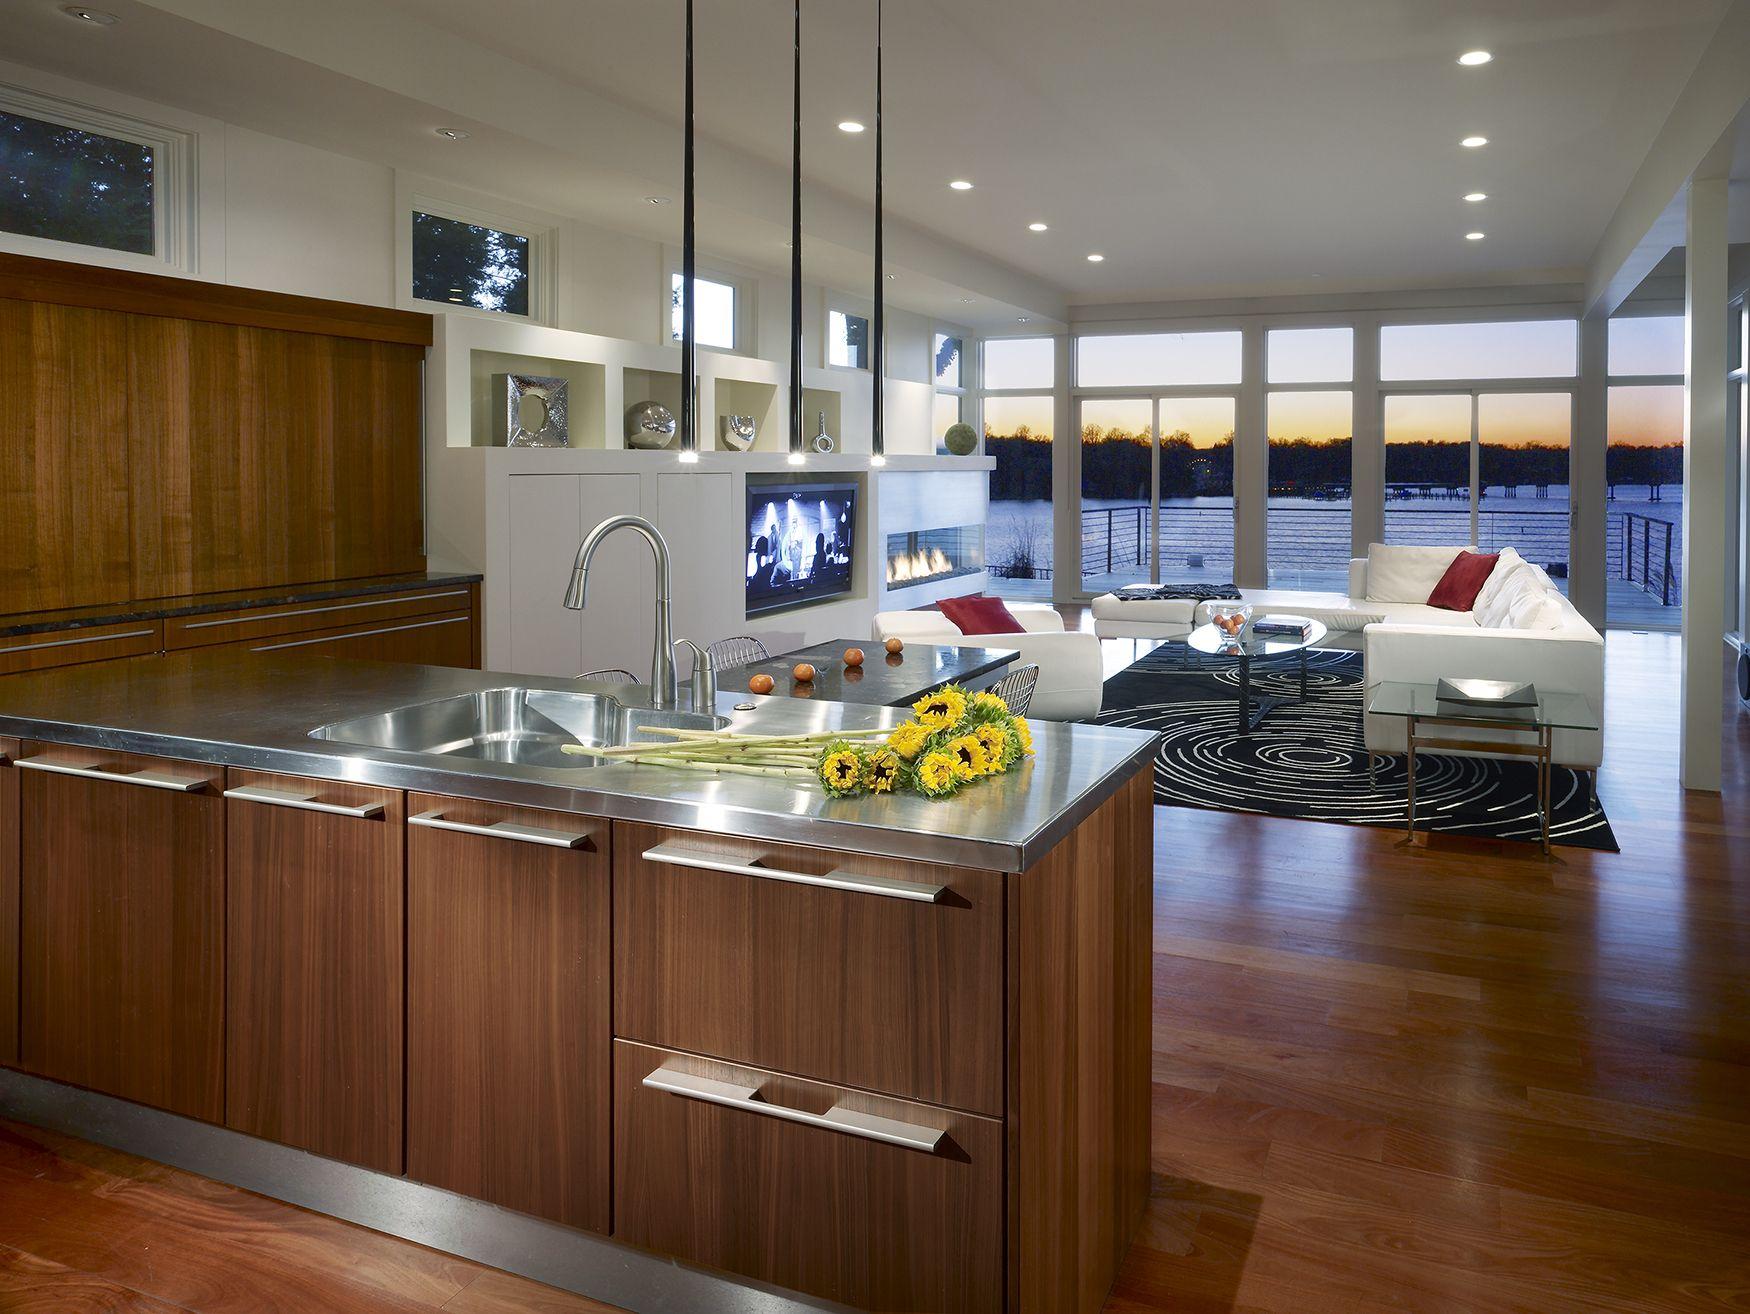 KONST SieMatic Kitchen Interior Design   Modern Cabinetry Island Stainless  Steel